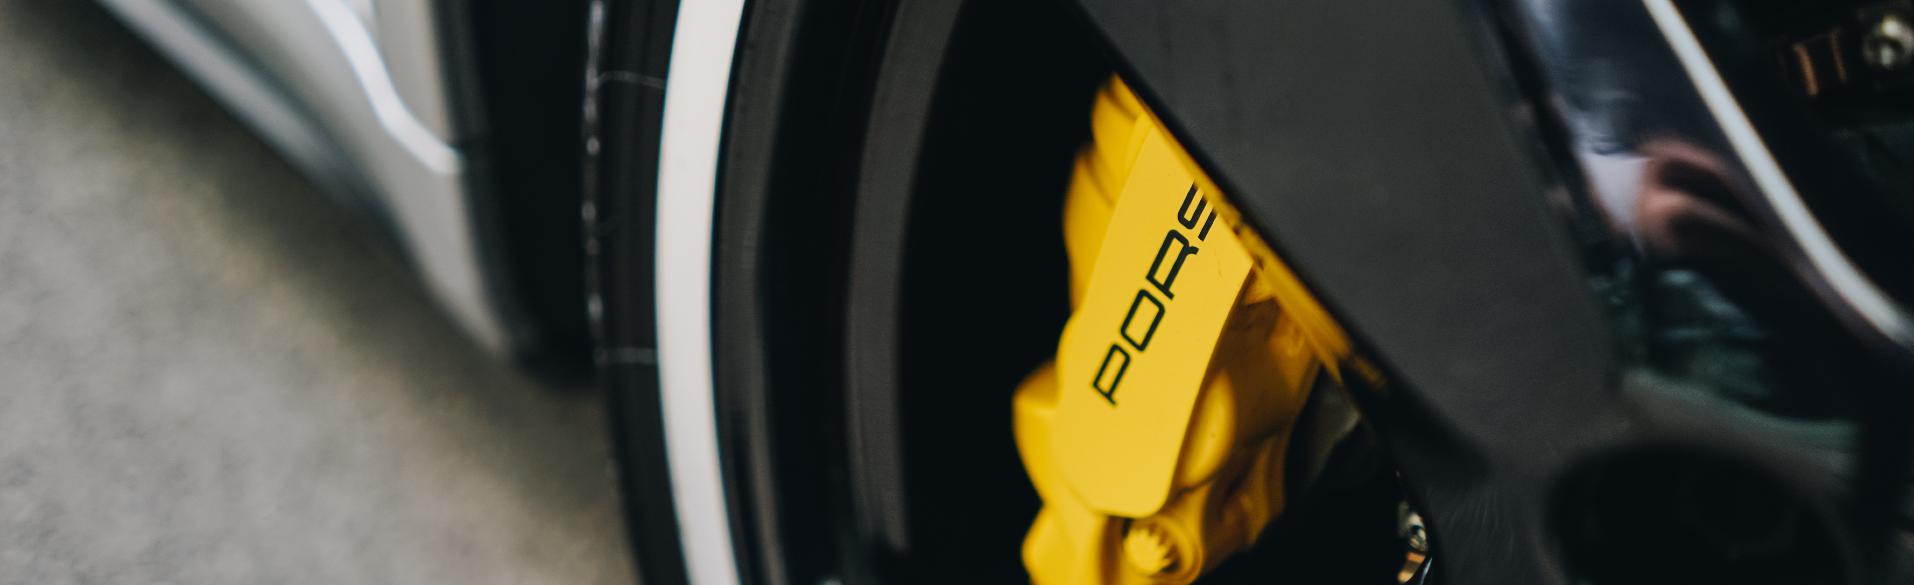 Porsche Wheel Clean